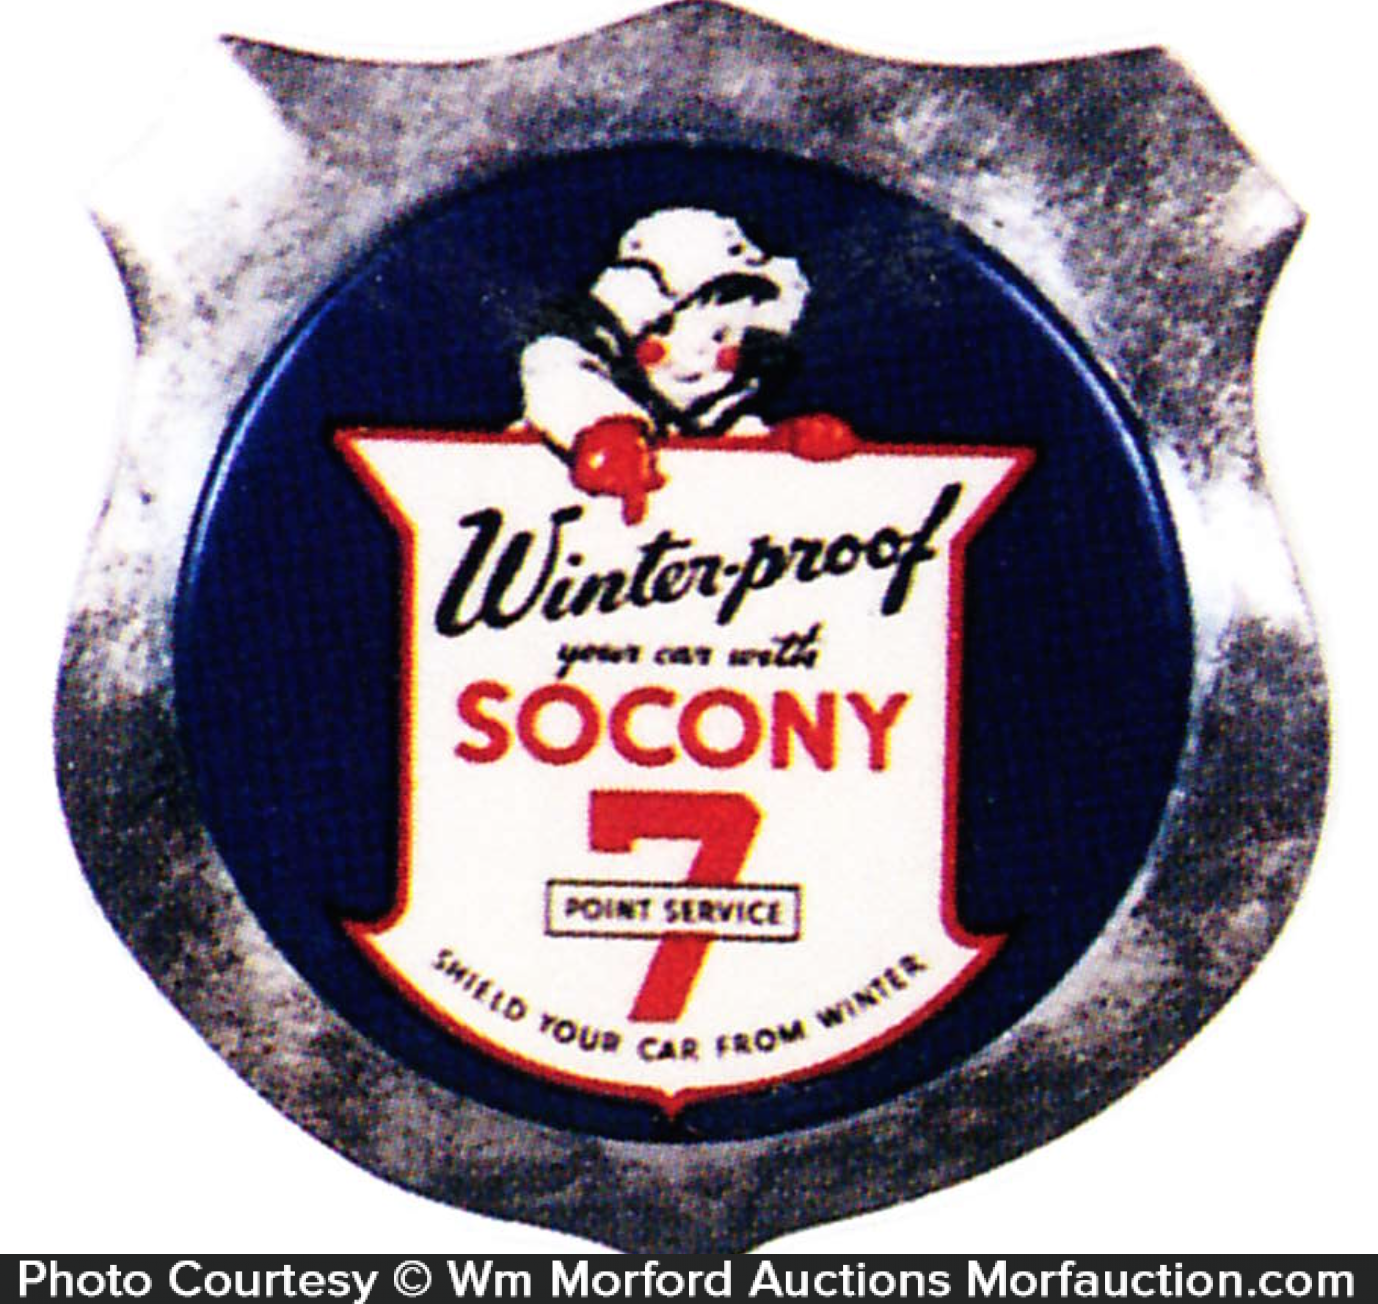 Socony 7 Point Service Badge